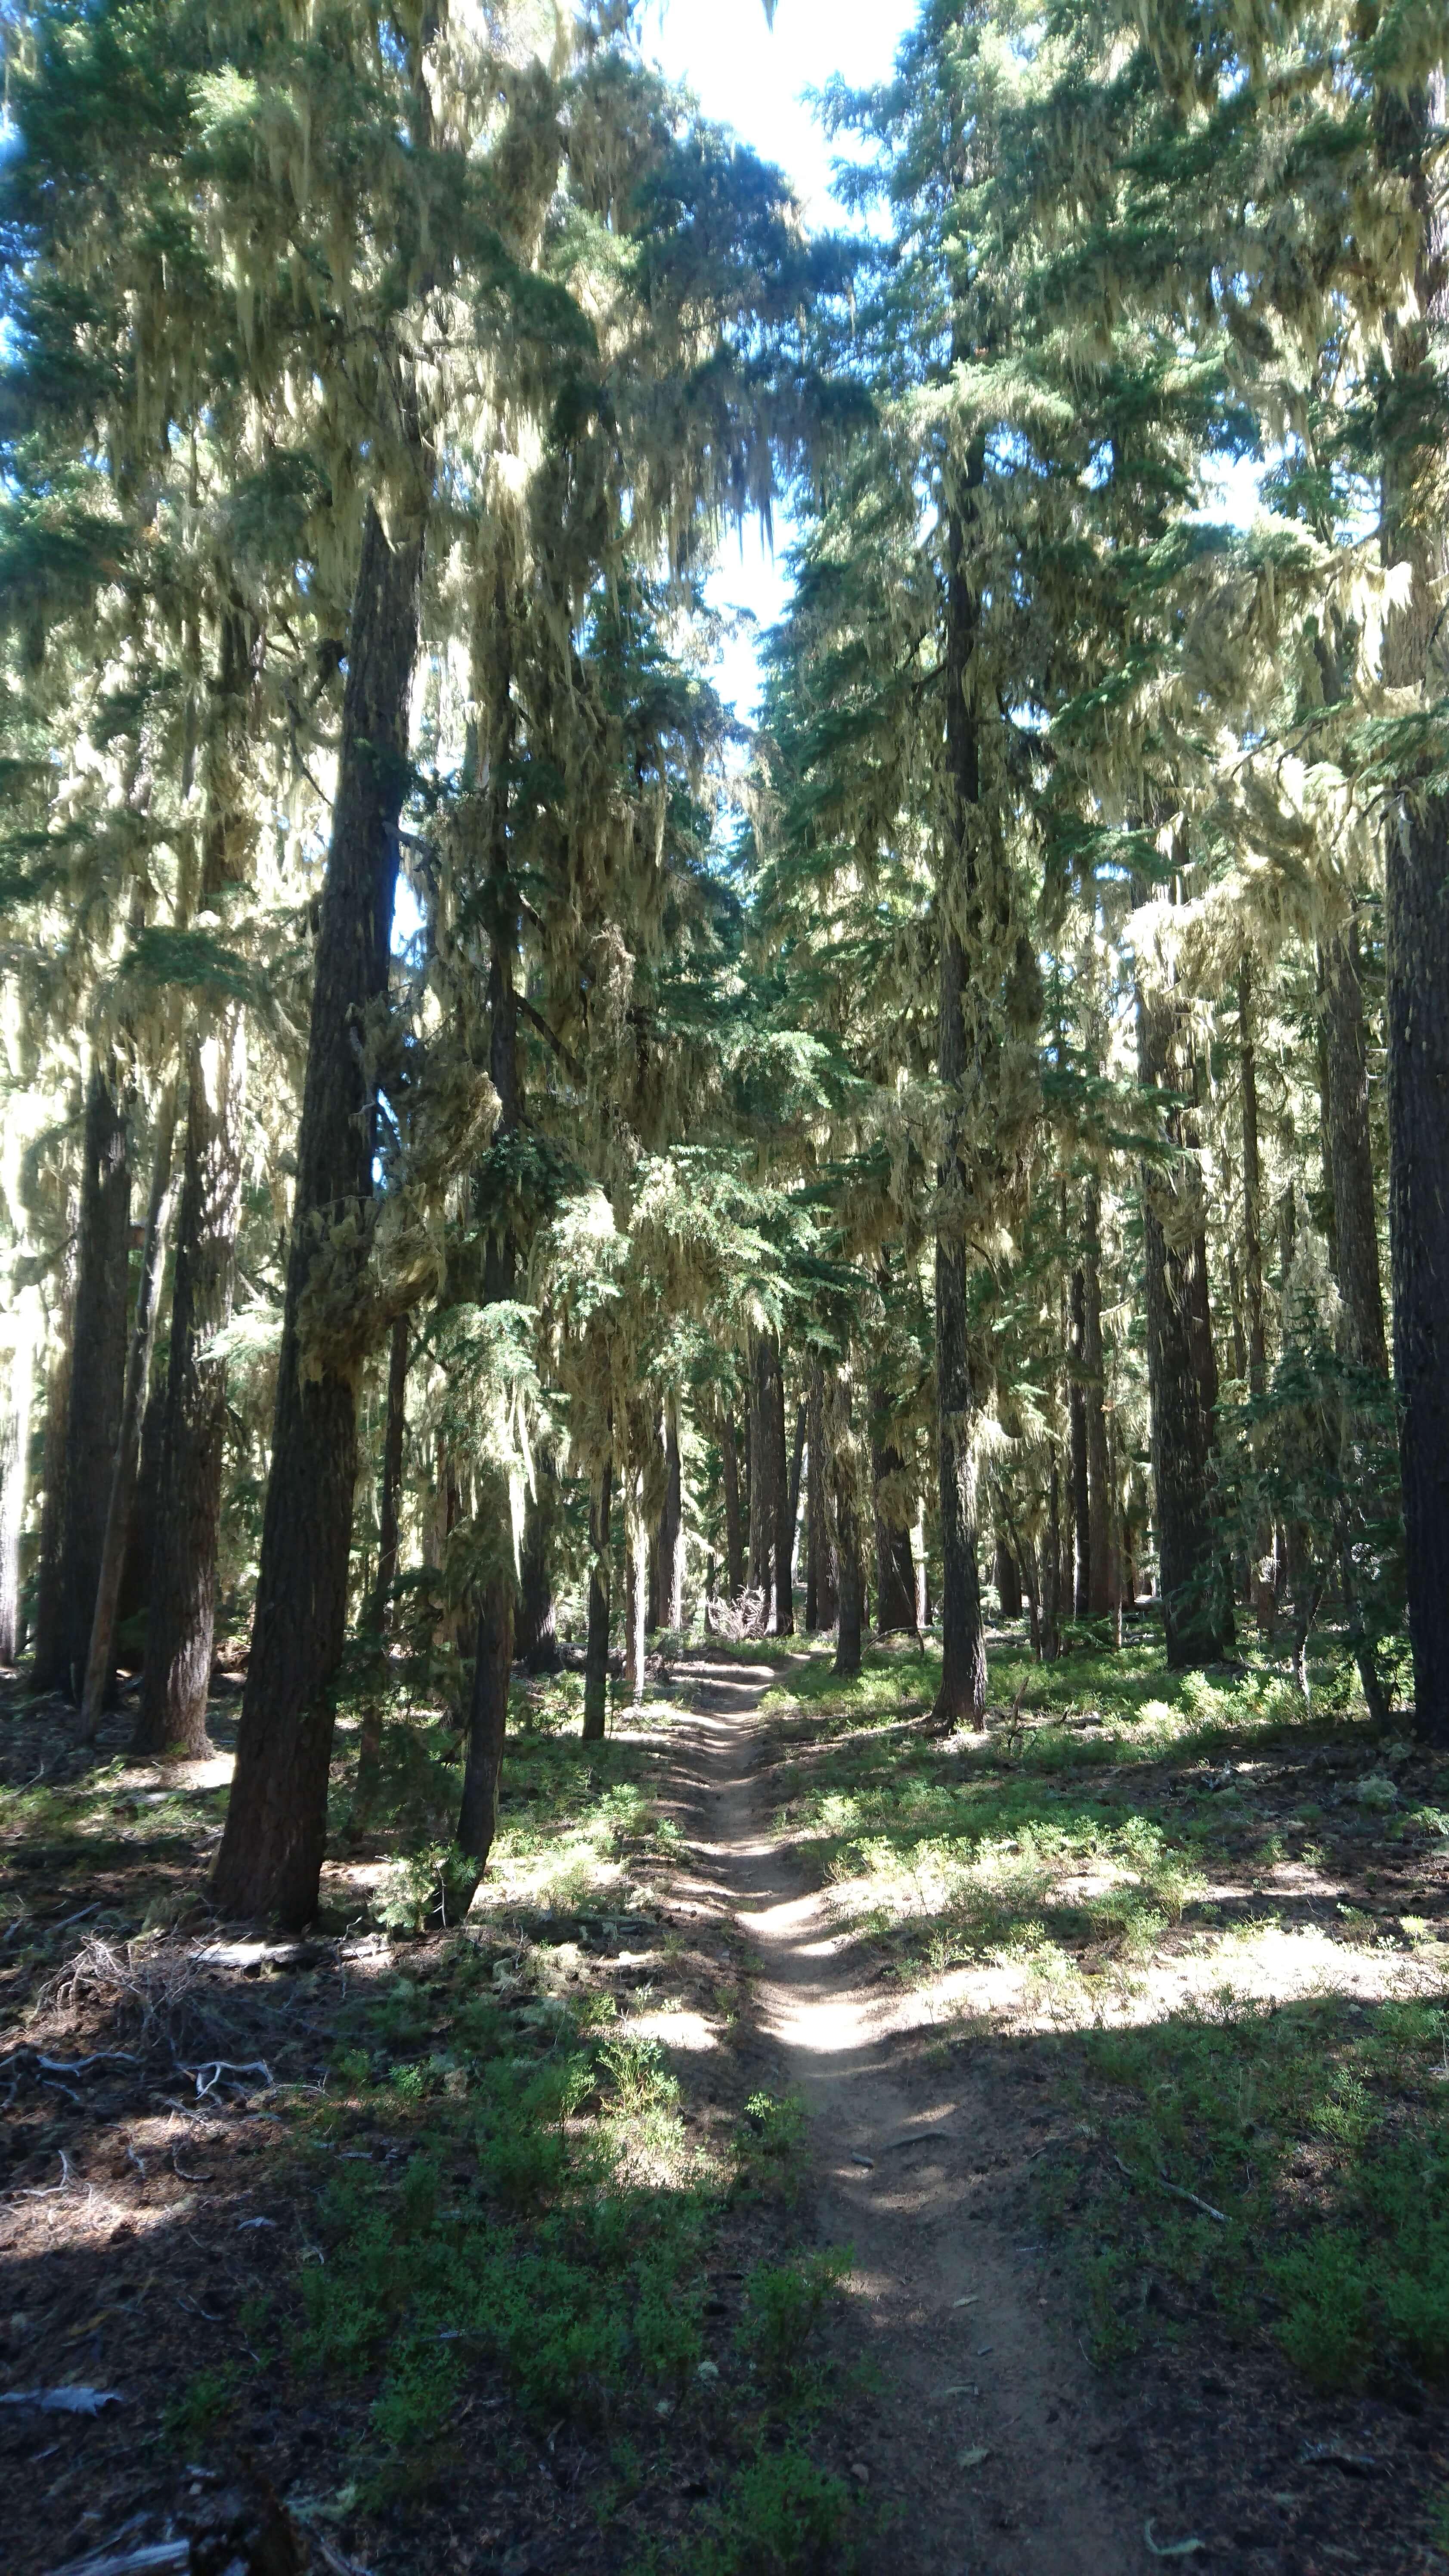 La forêt, omniprésente dans le sud de l'Oregon